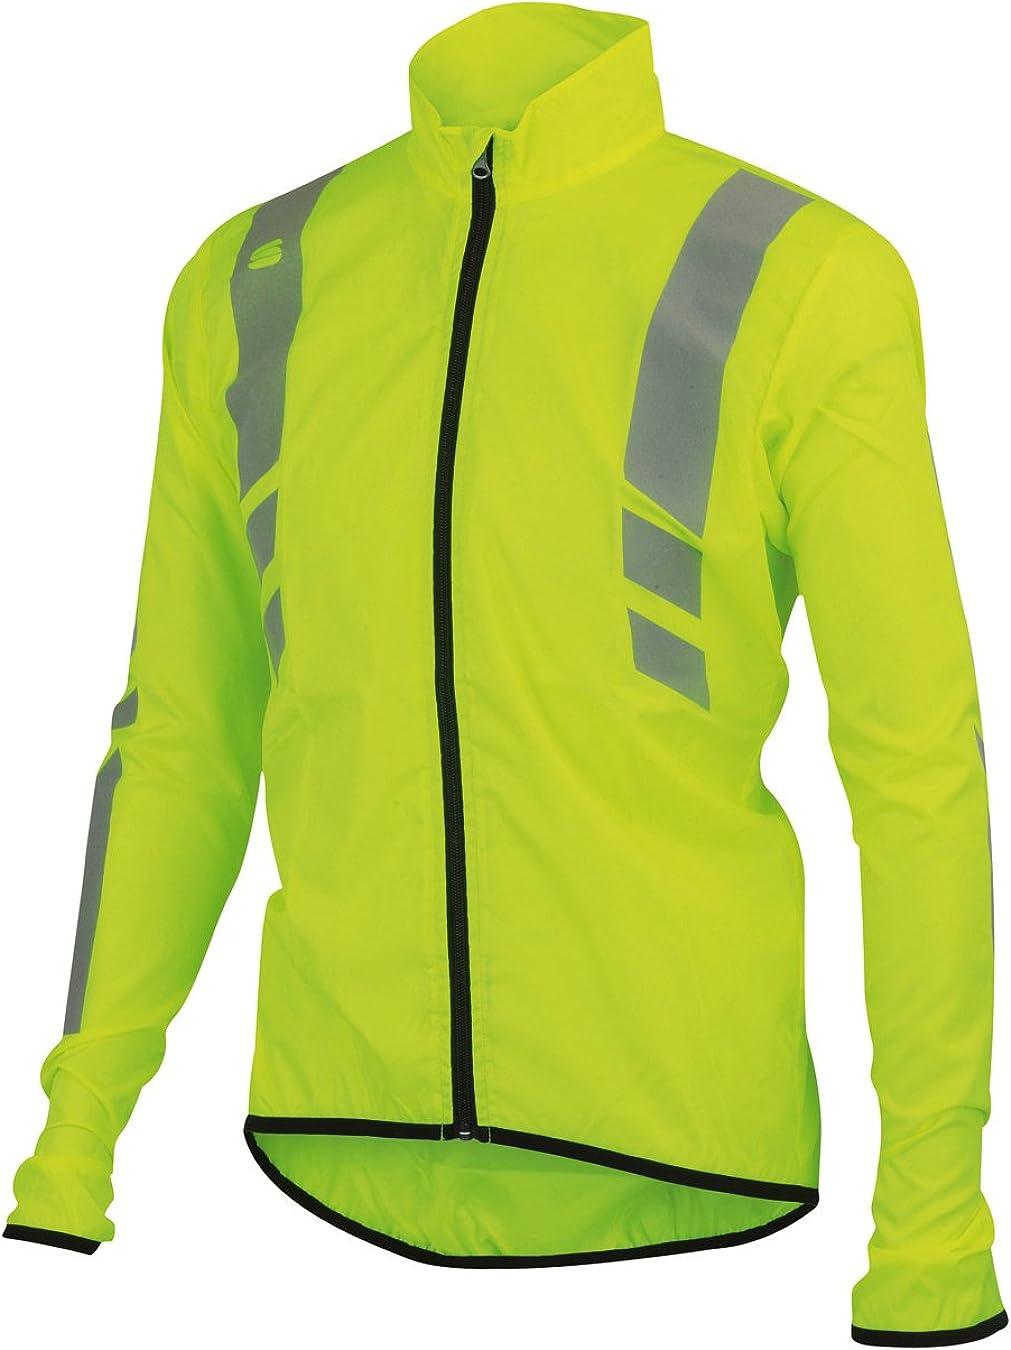 Sportful Reflex 2 Jacket, Yellow Fluo - Amarillo, S: Amazon.es: Deportes y aire libre